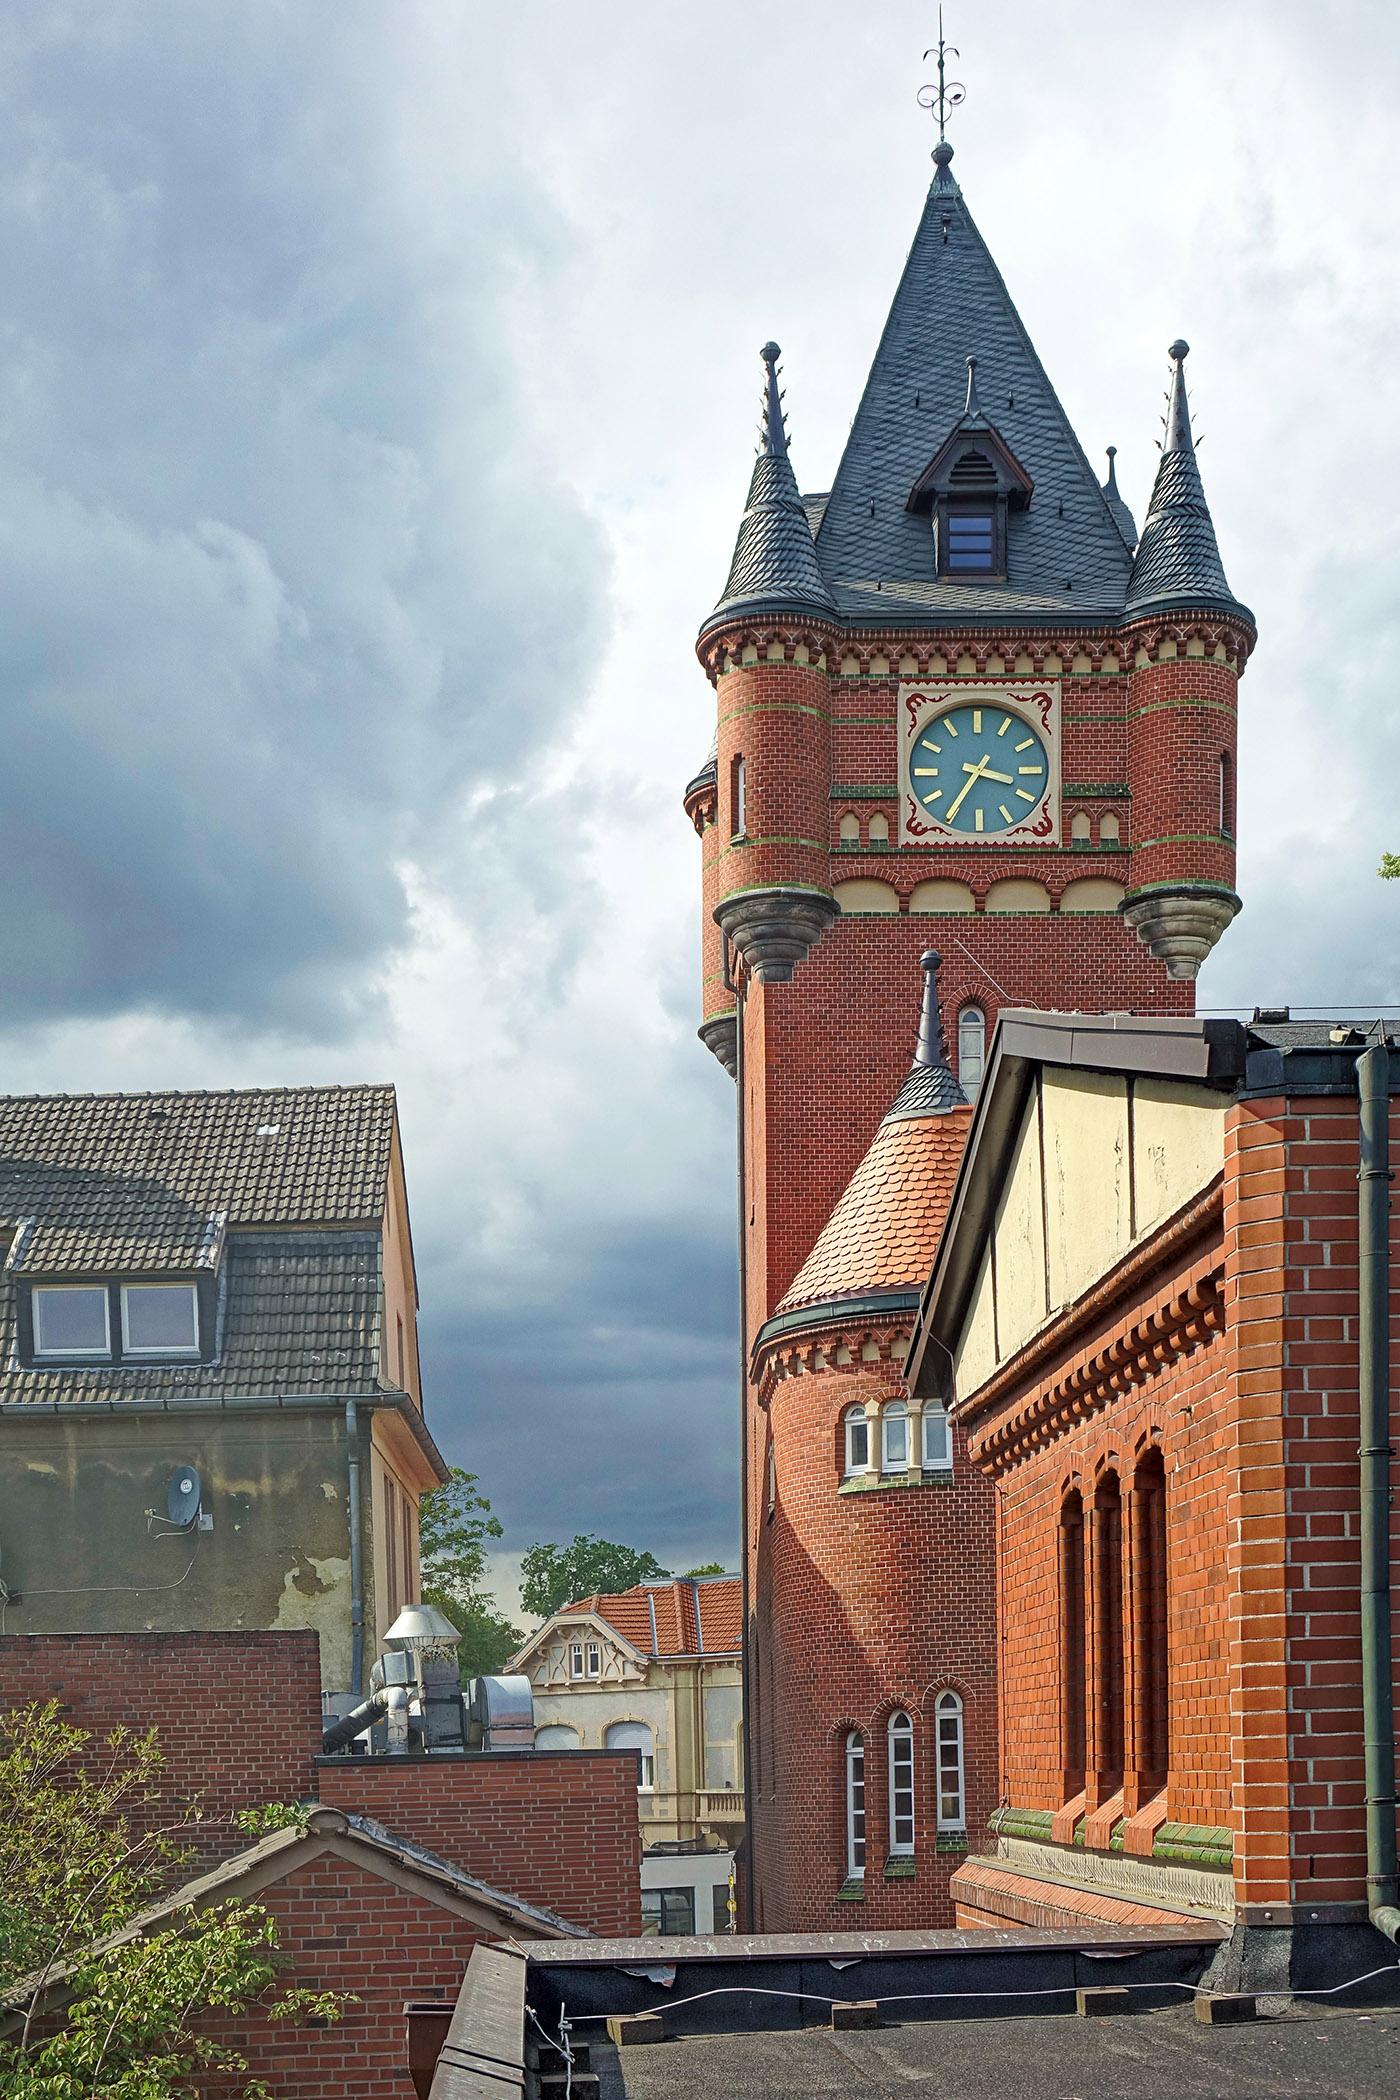 Drilandmuseum